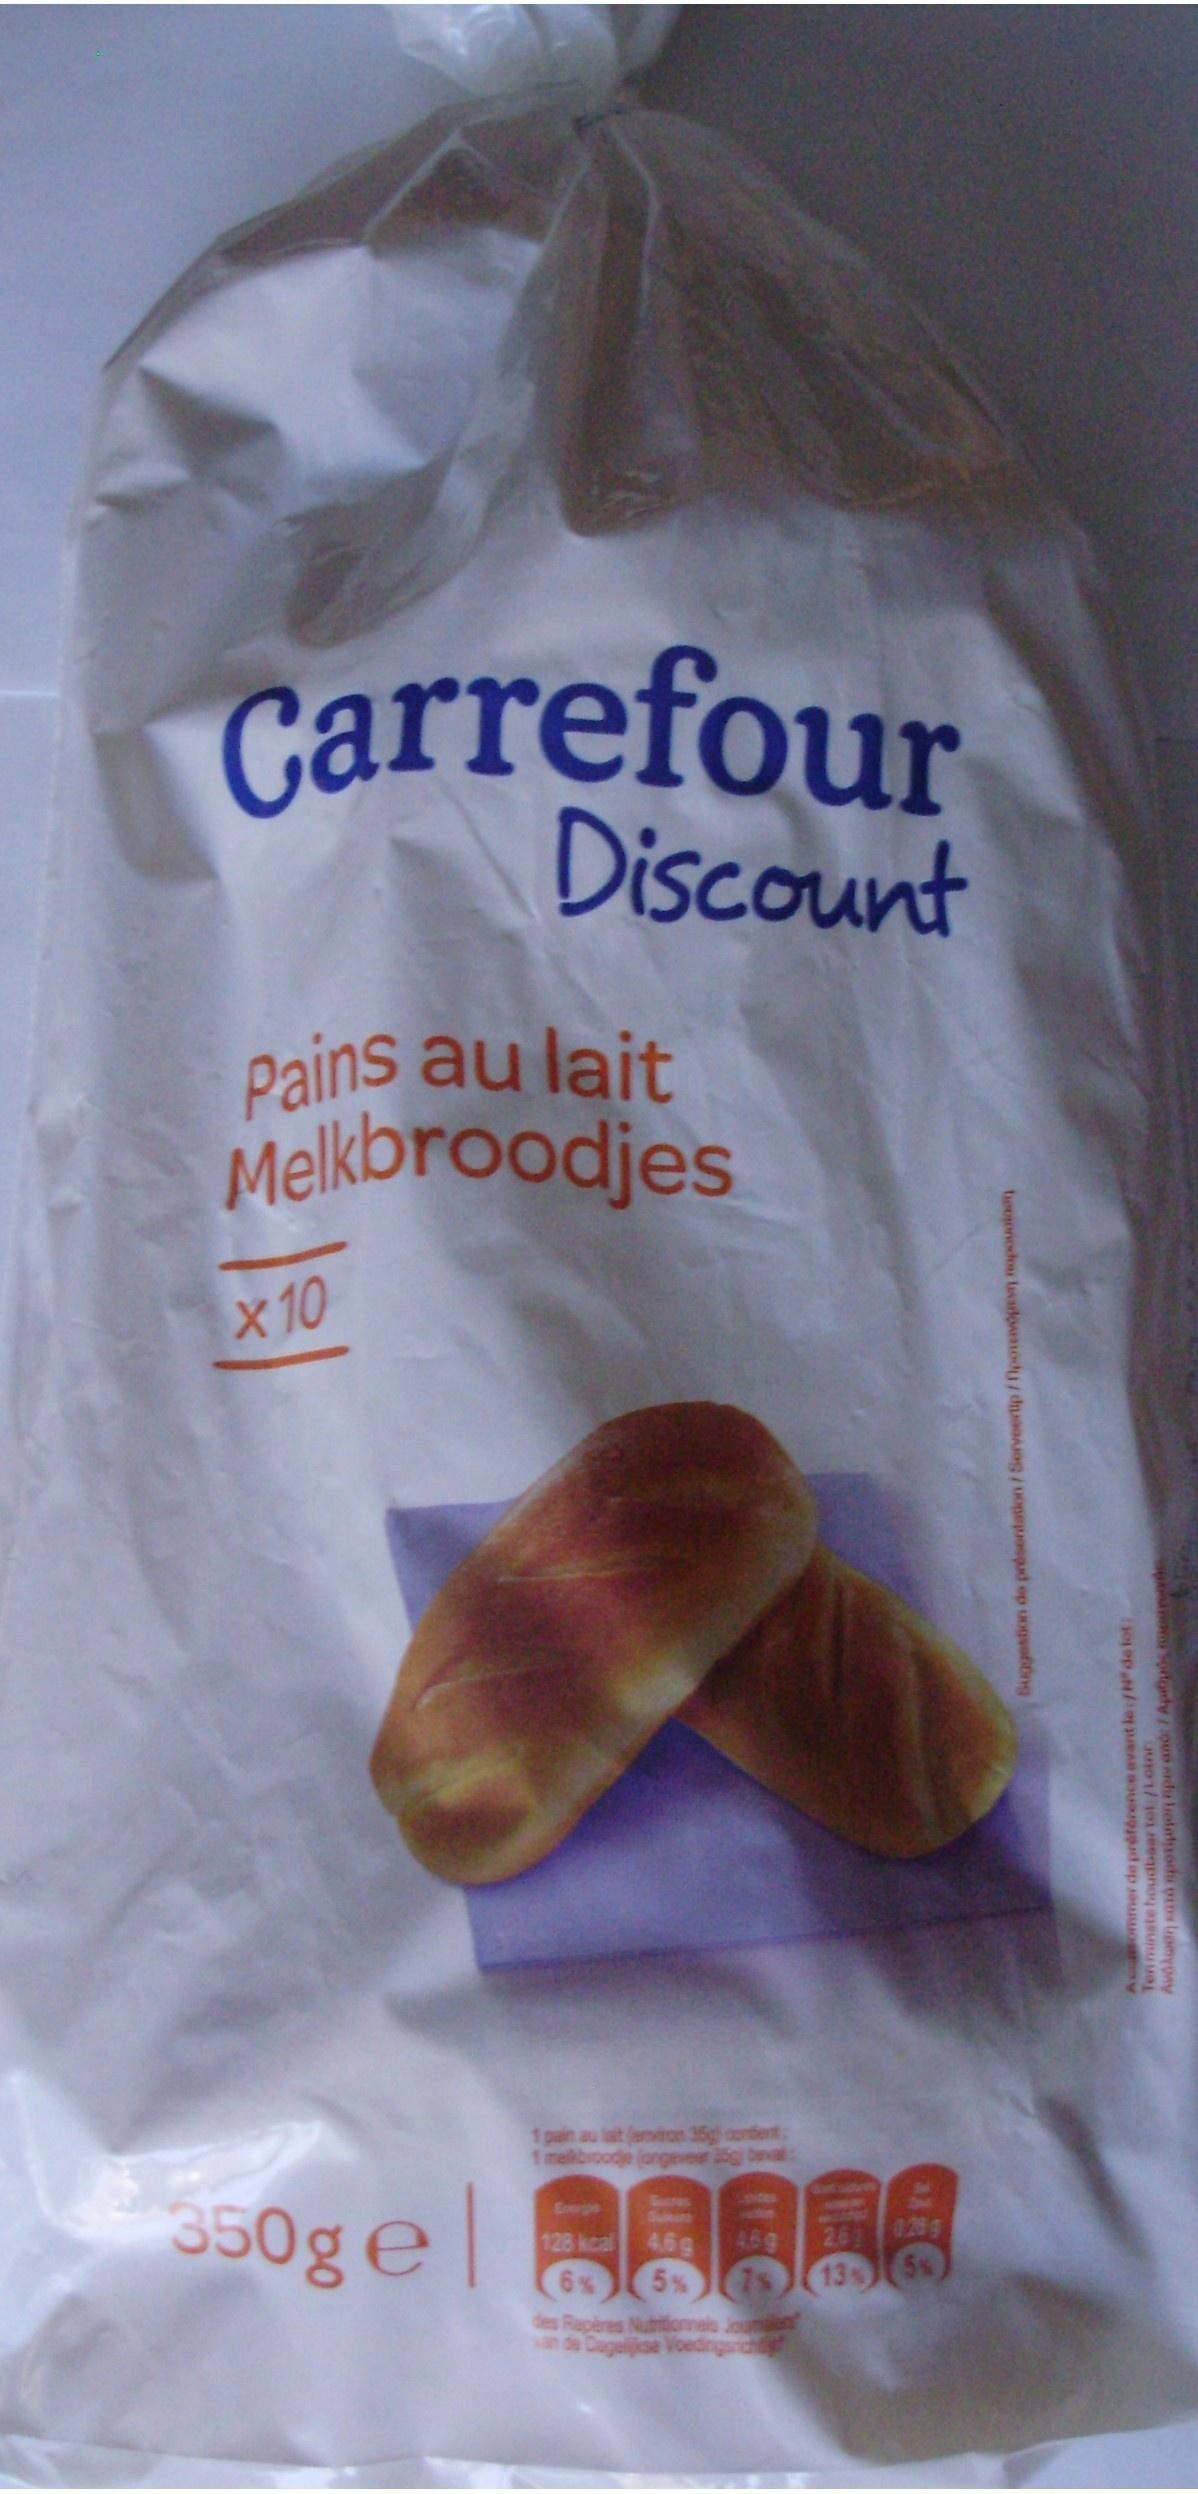 Pains au lait - Produkt - fr